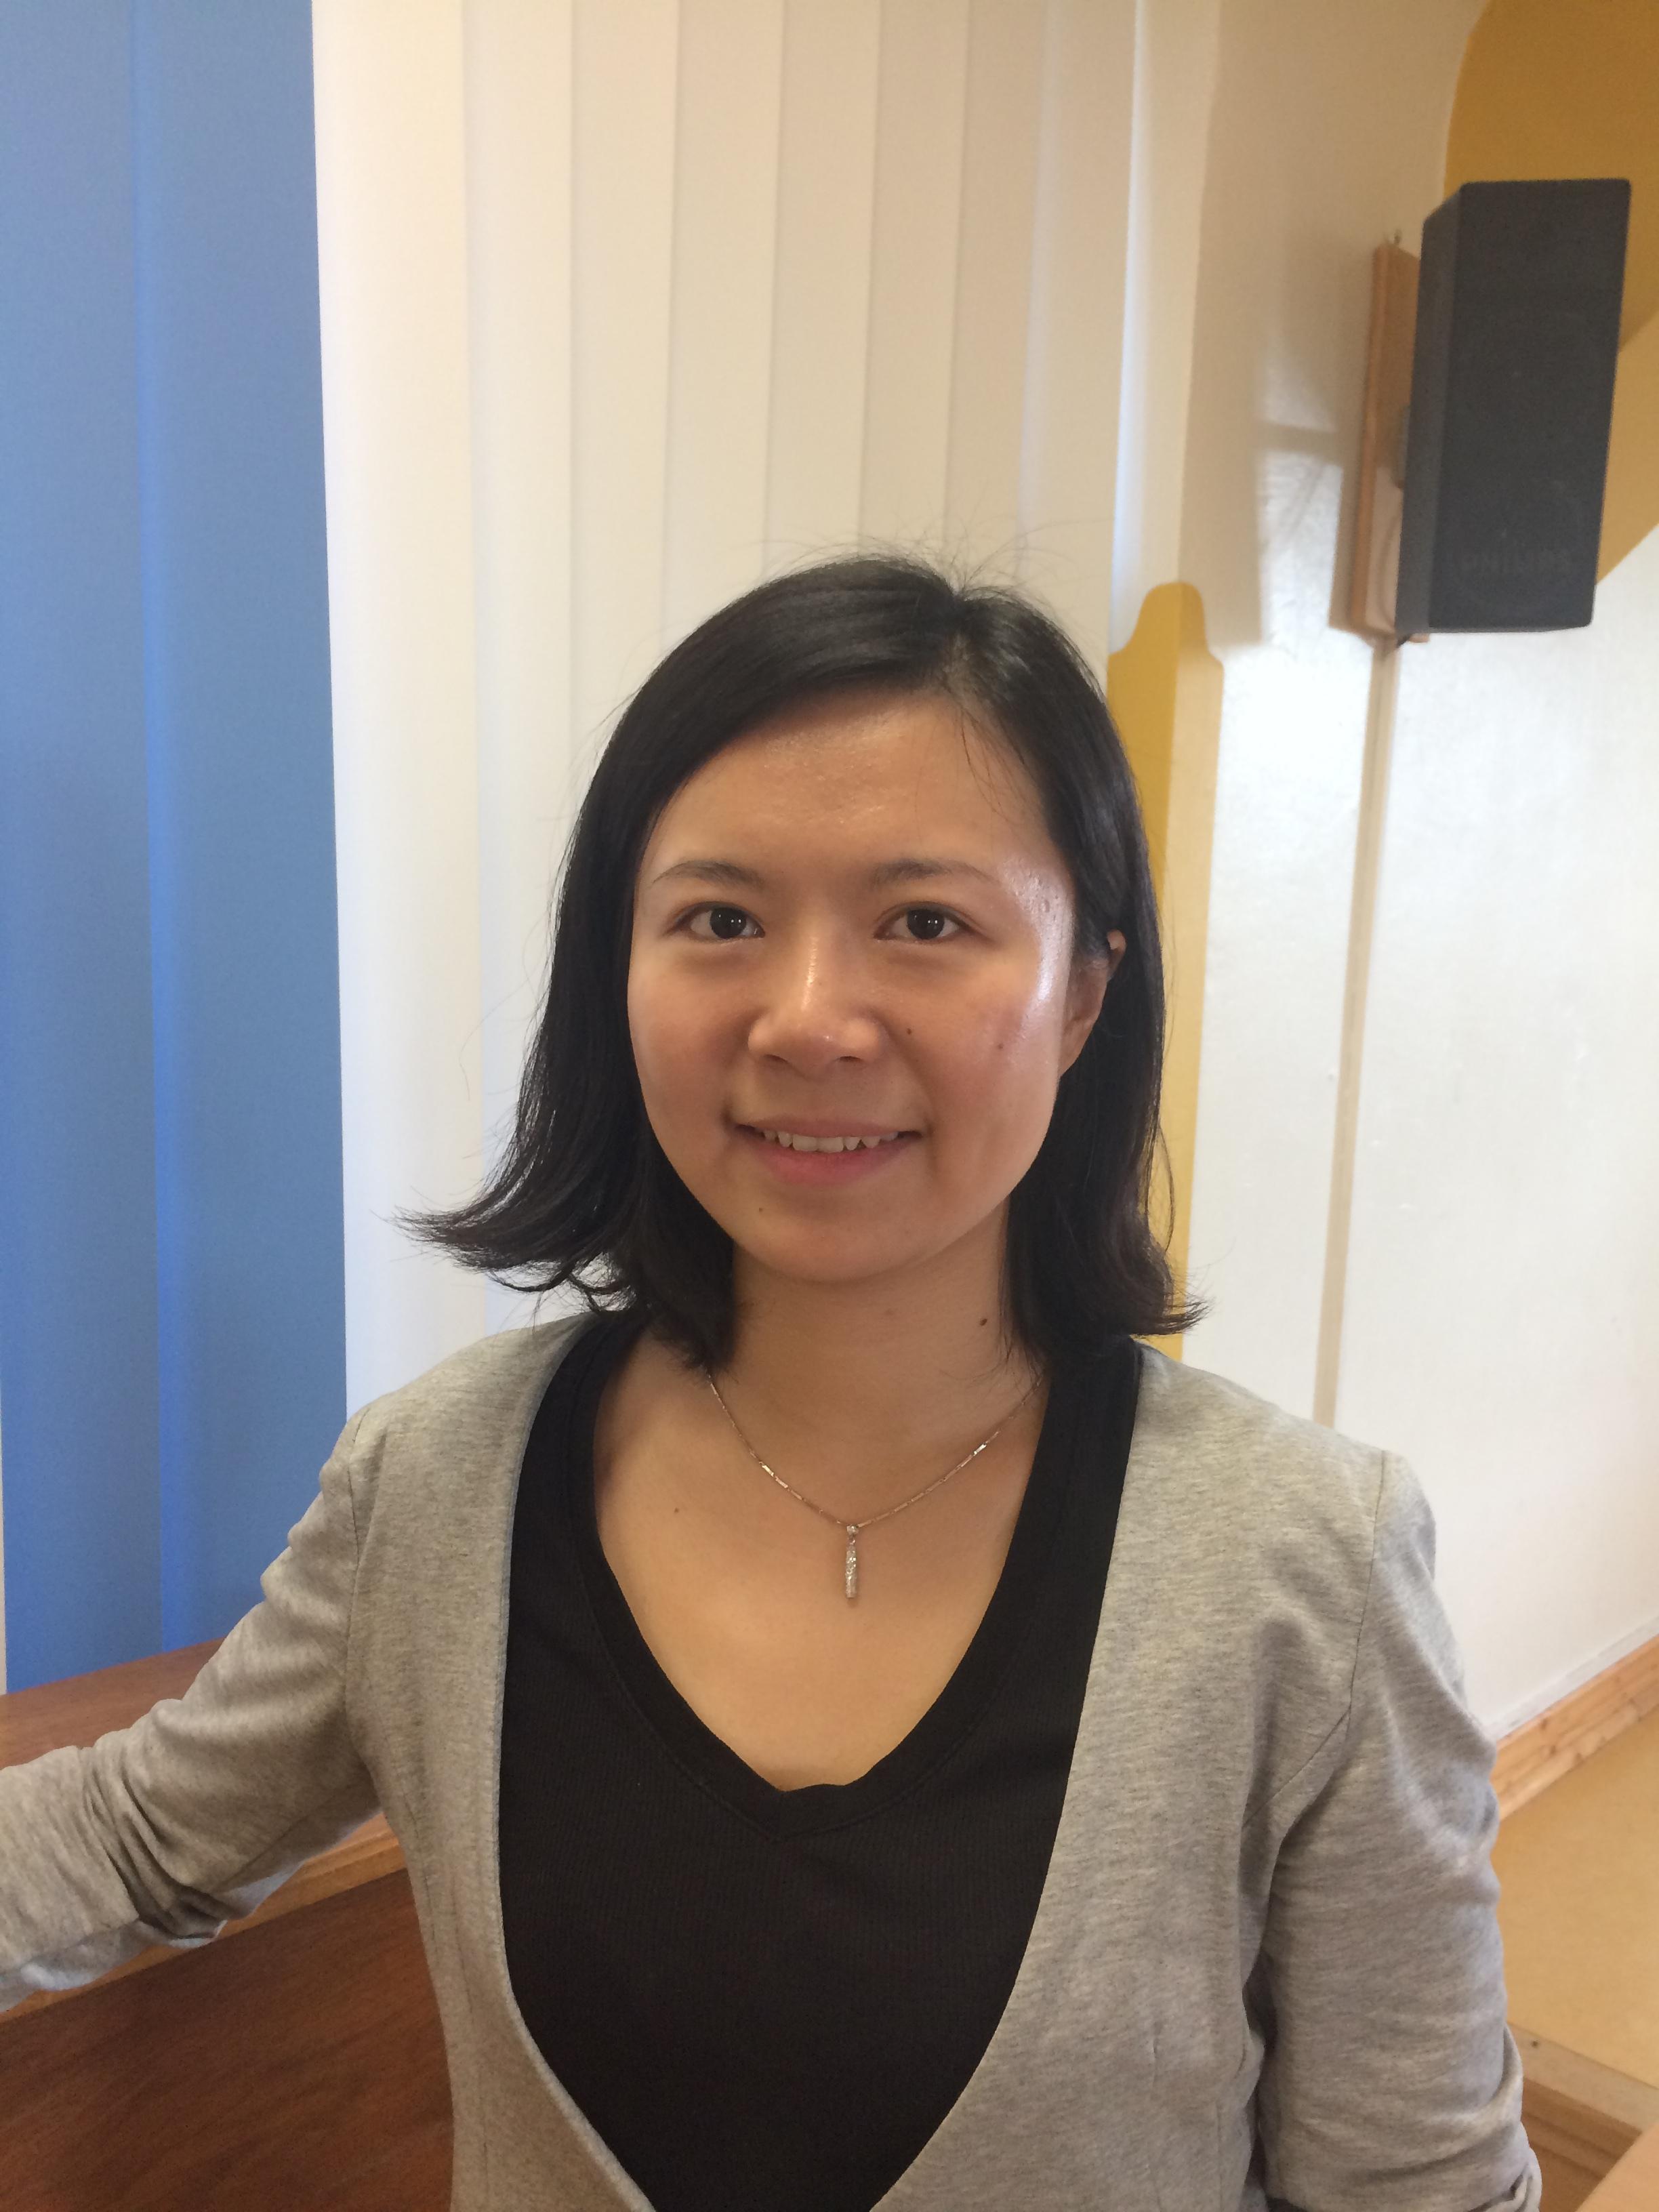 Yunjing Zhang